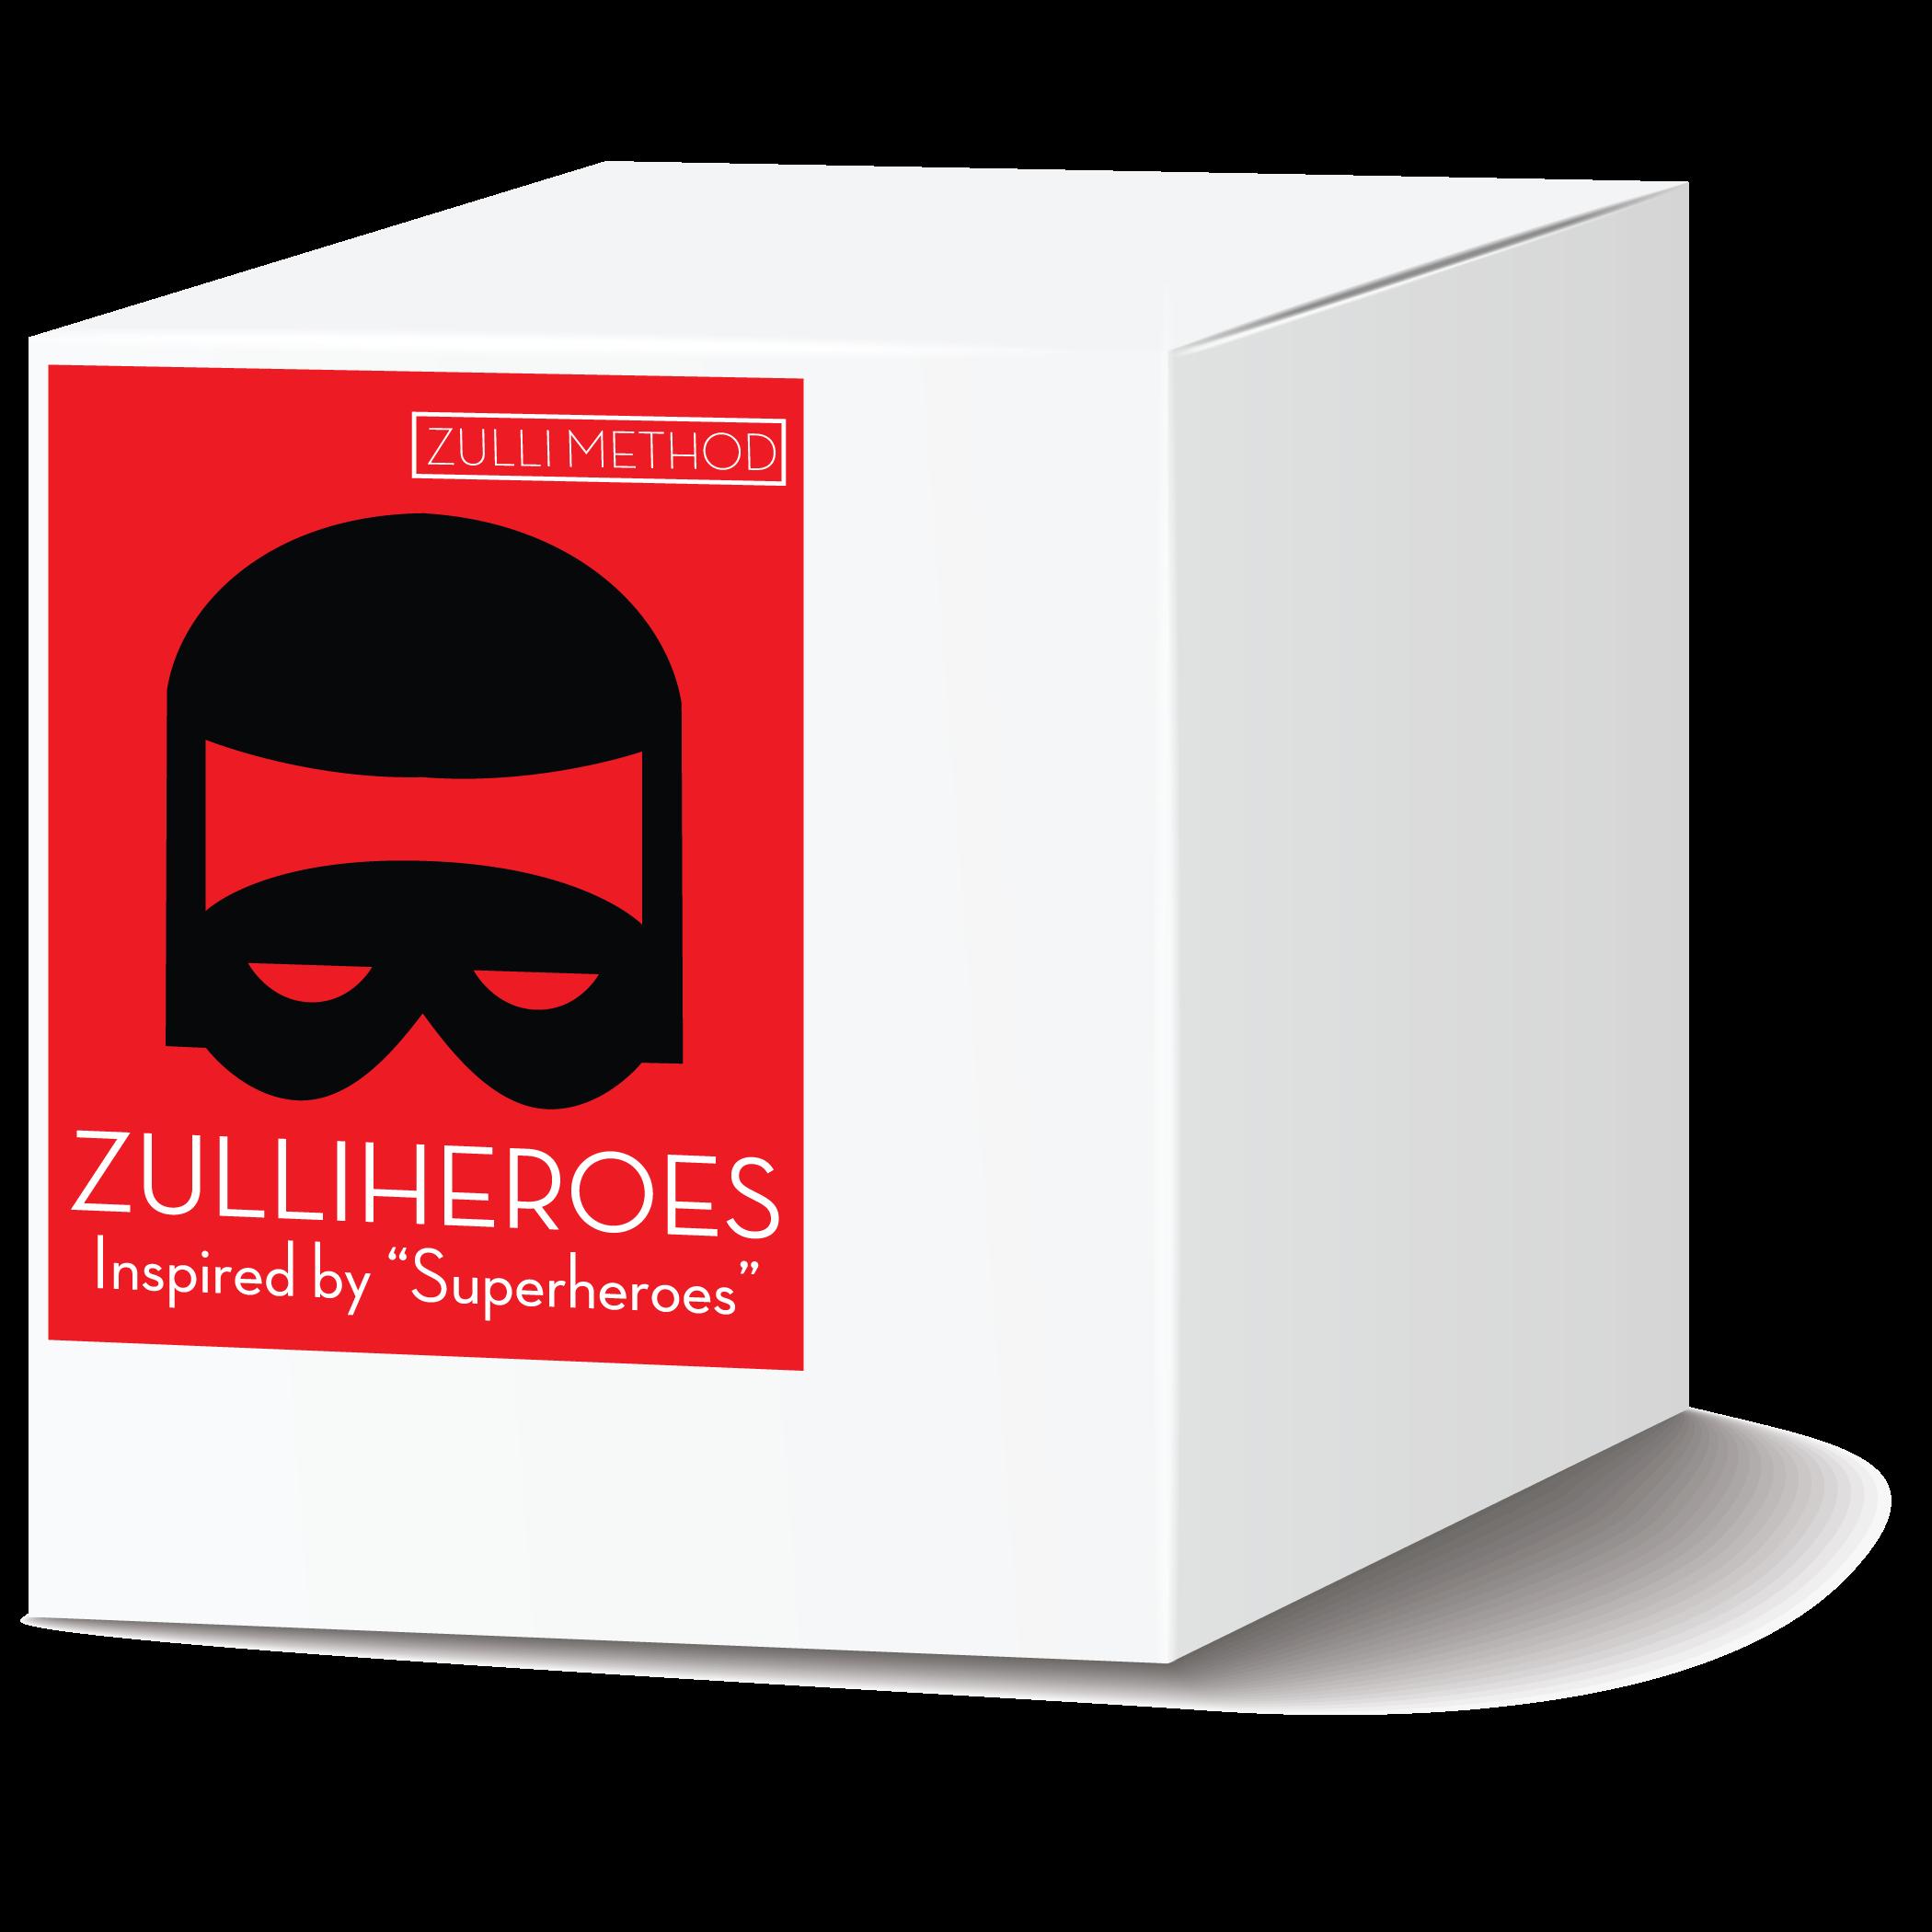 Zulliheroes